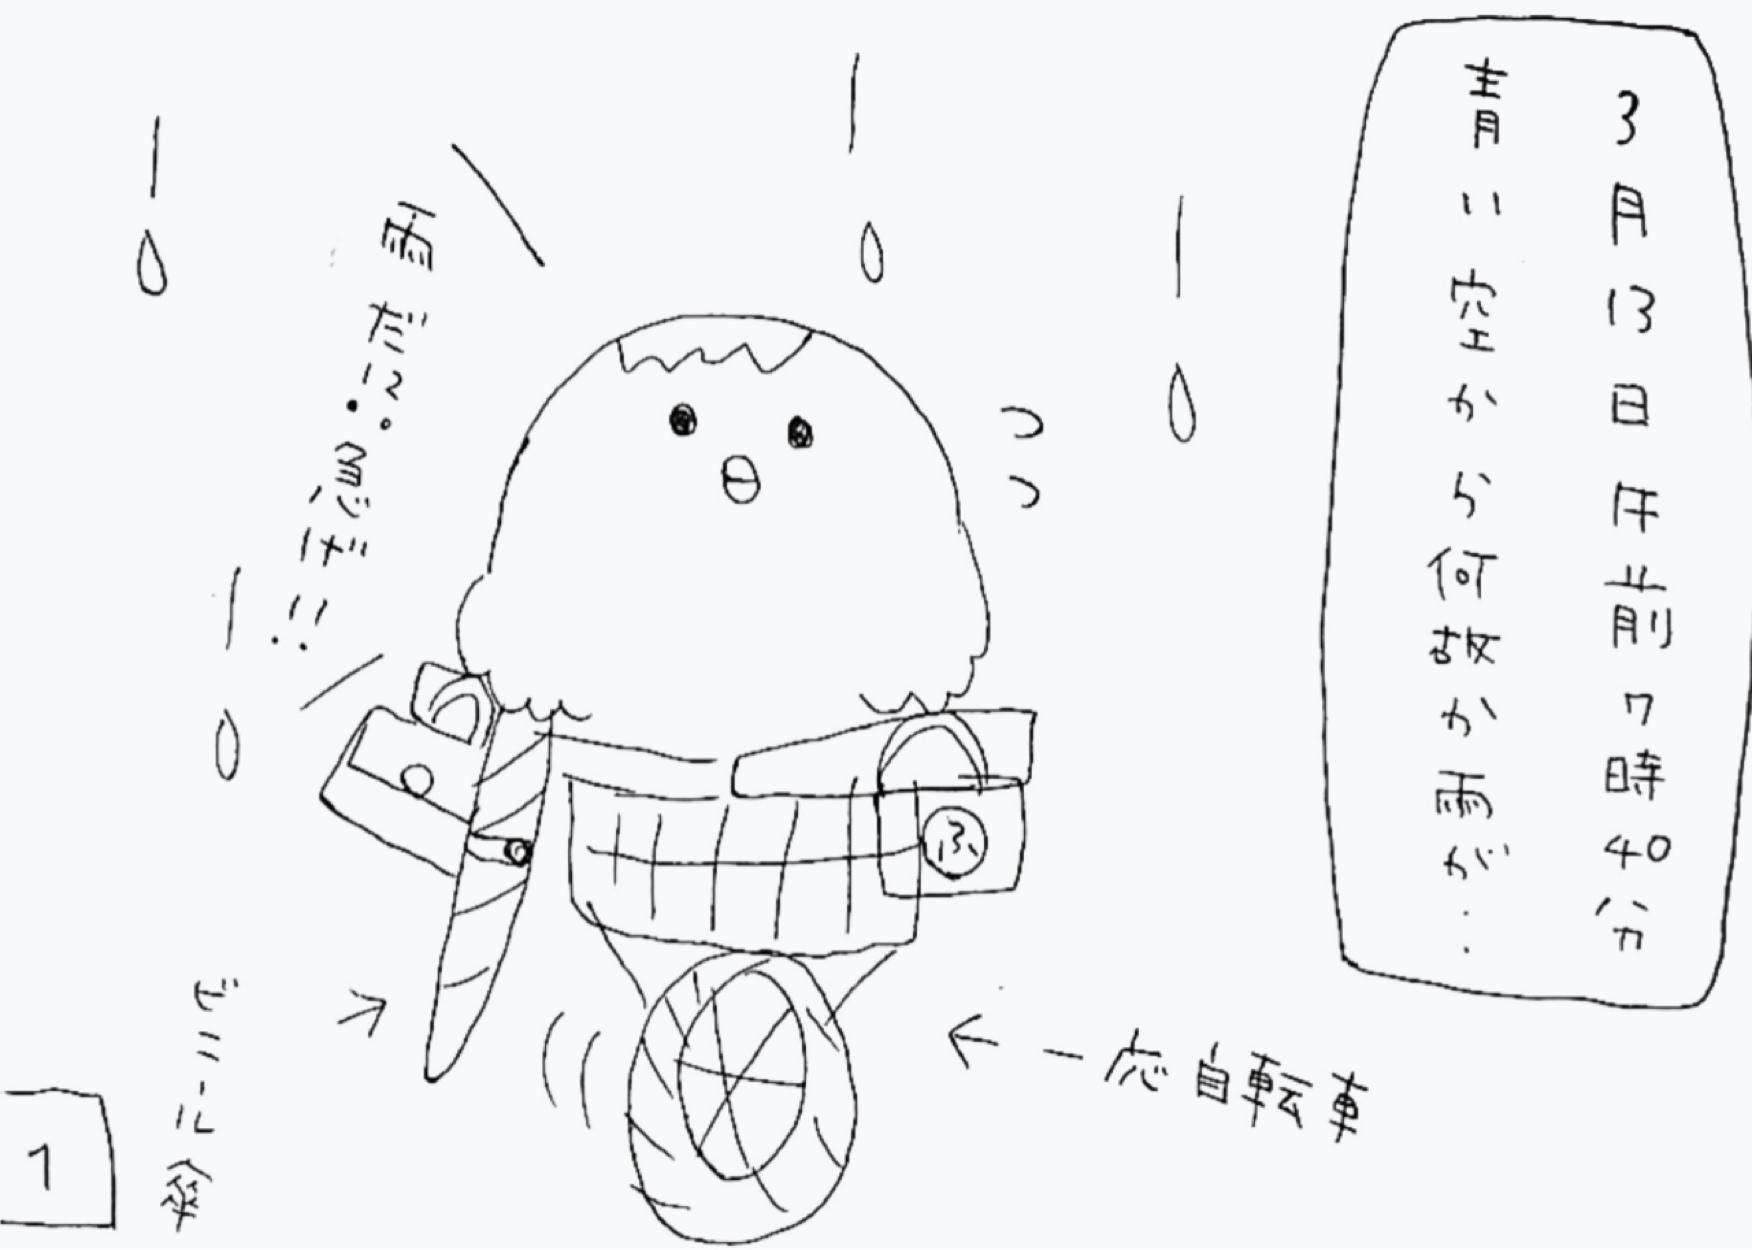 image1(9)